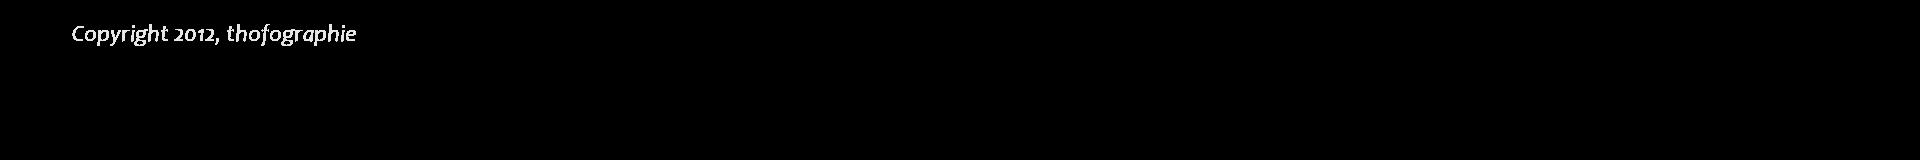 Forum Lumière